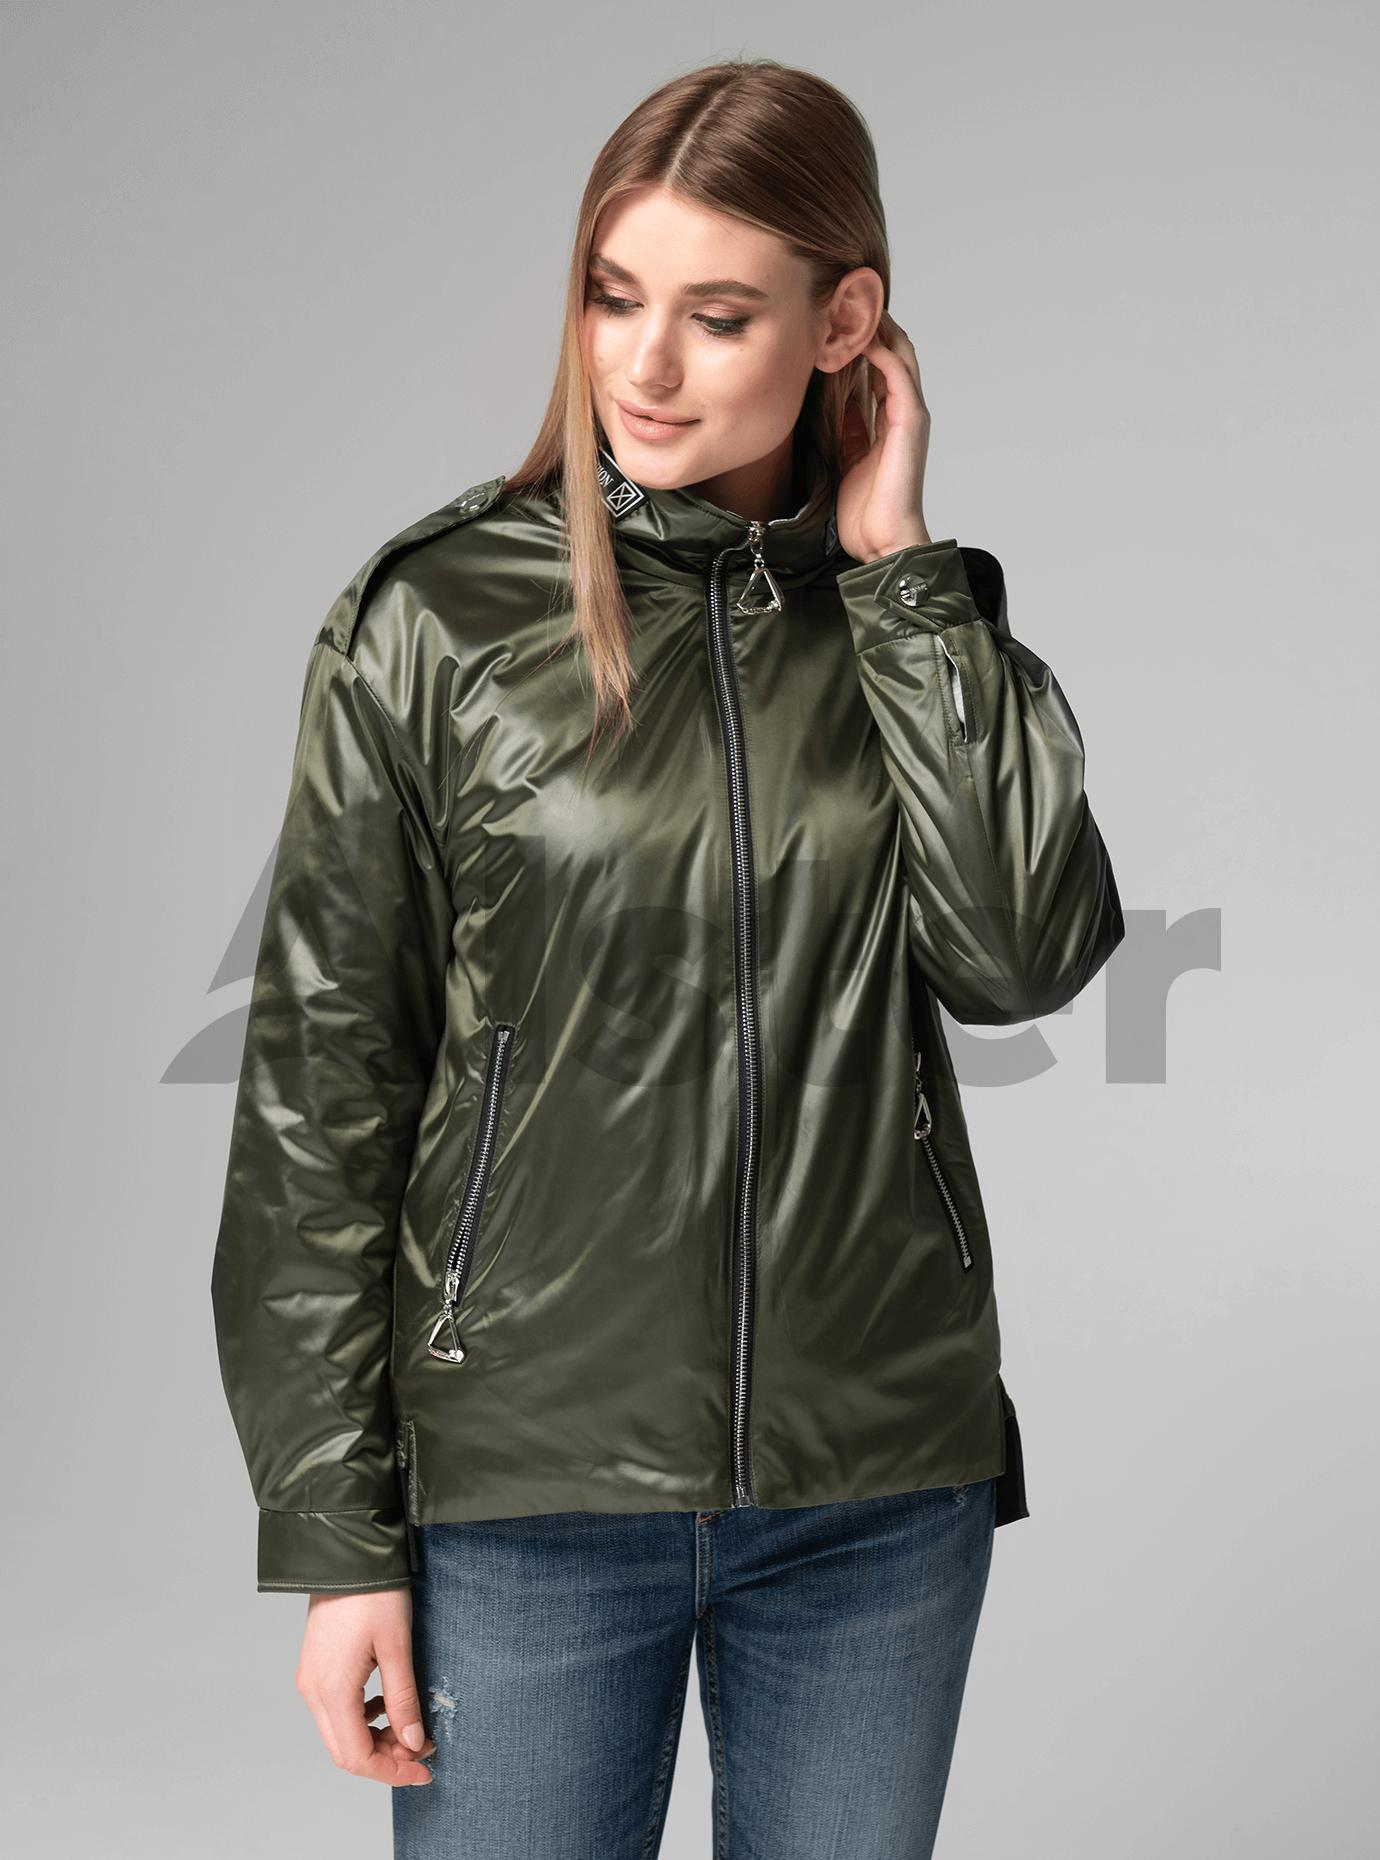 Куртка женская короткая прямая Хаки L (02-V191020): фото - Alster.ua